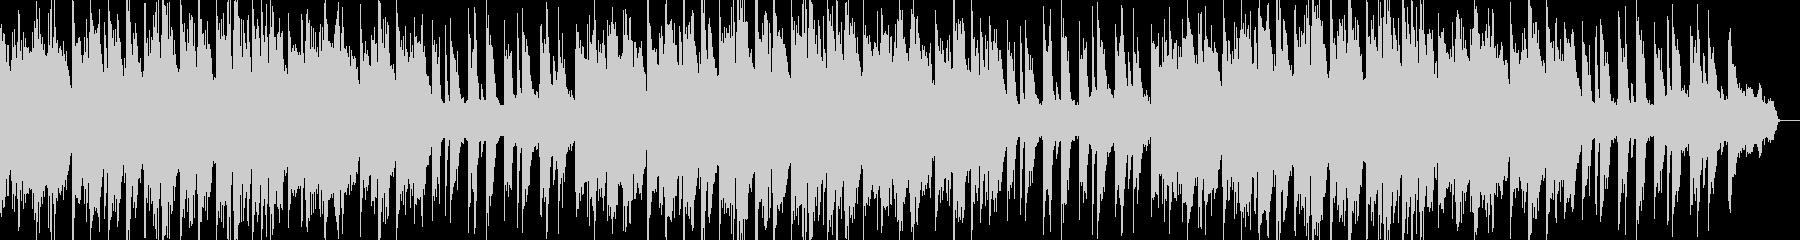 企業VP2 16bit48kHzVerの未再生の波形